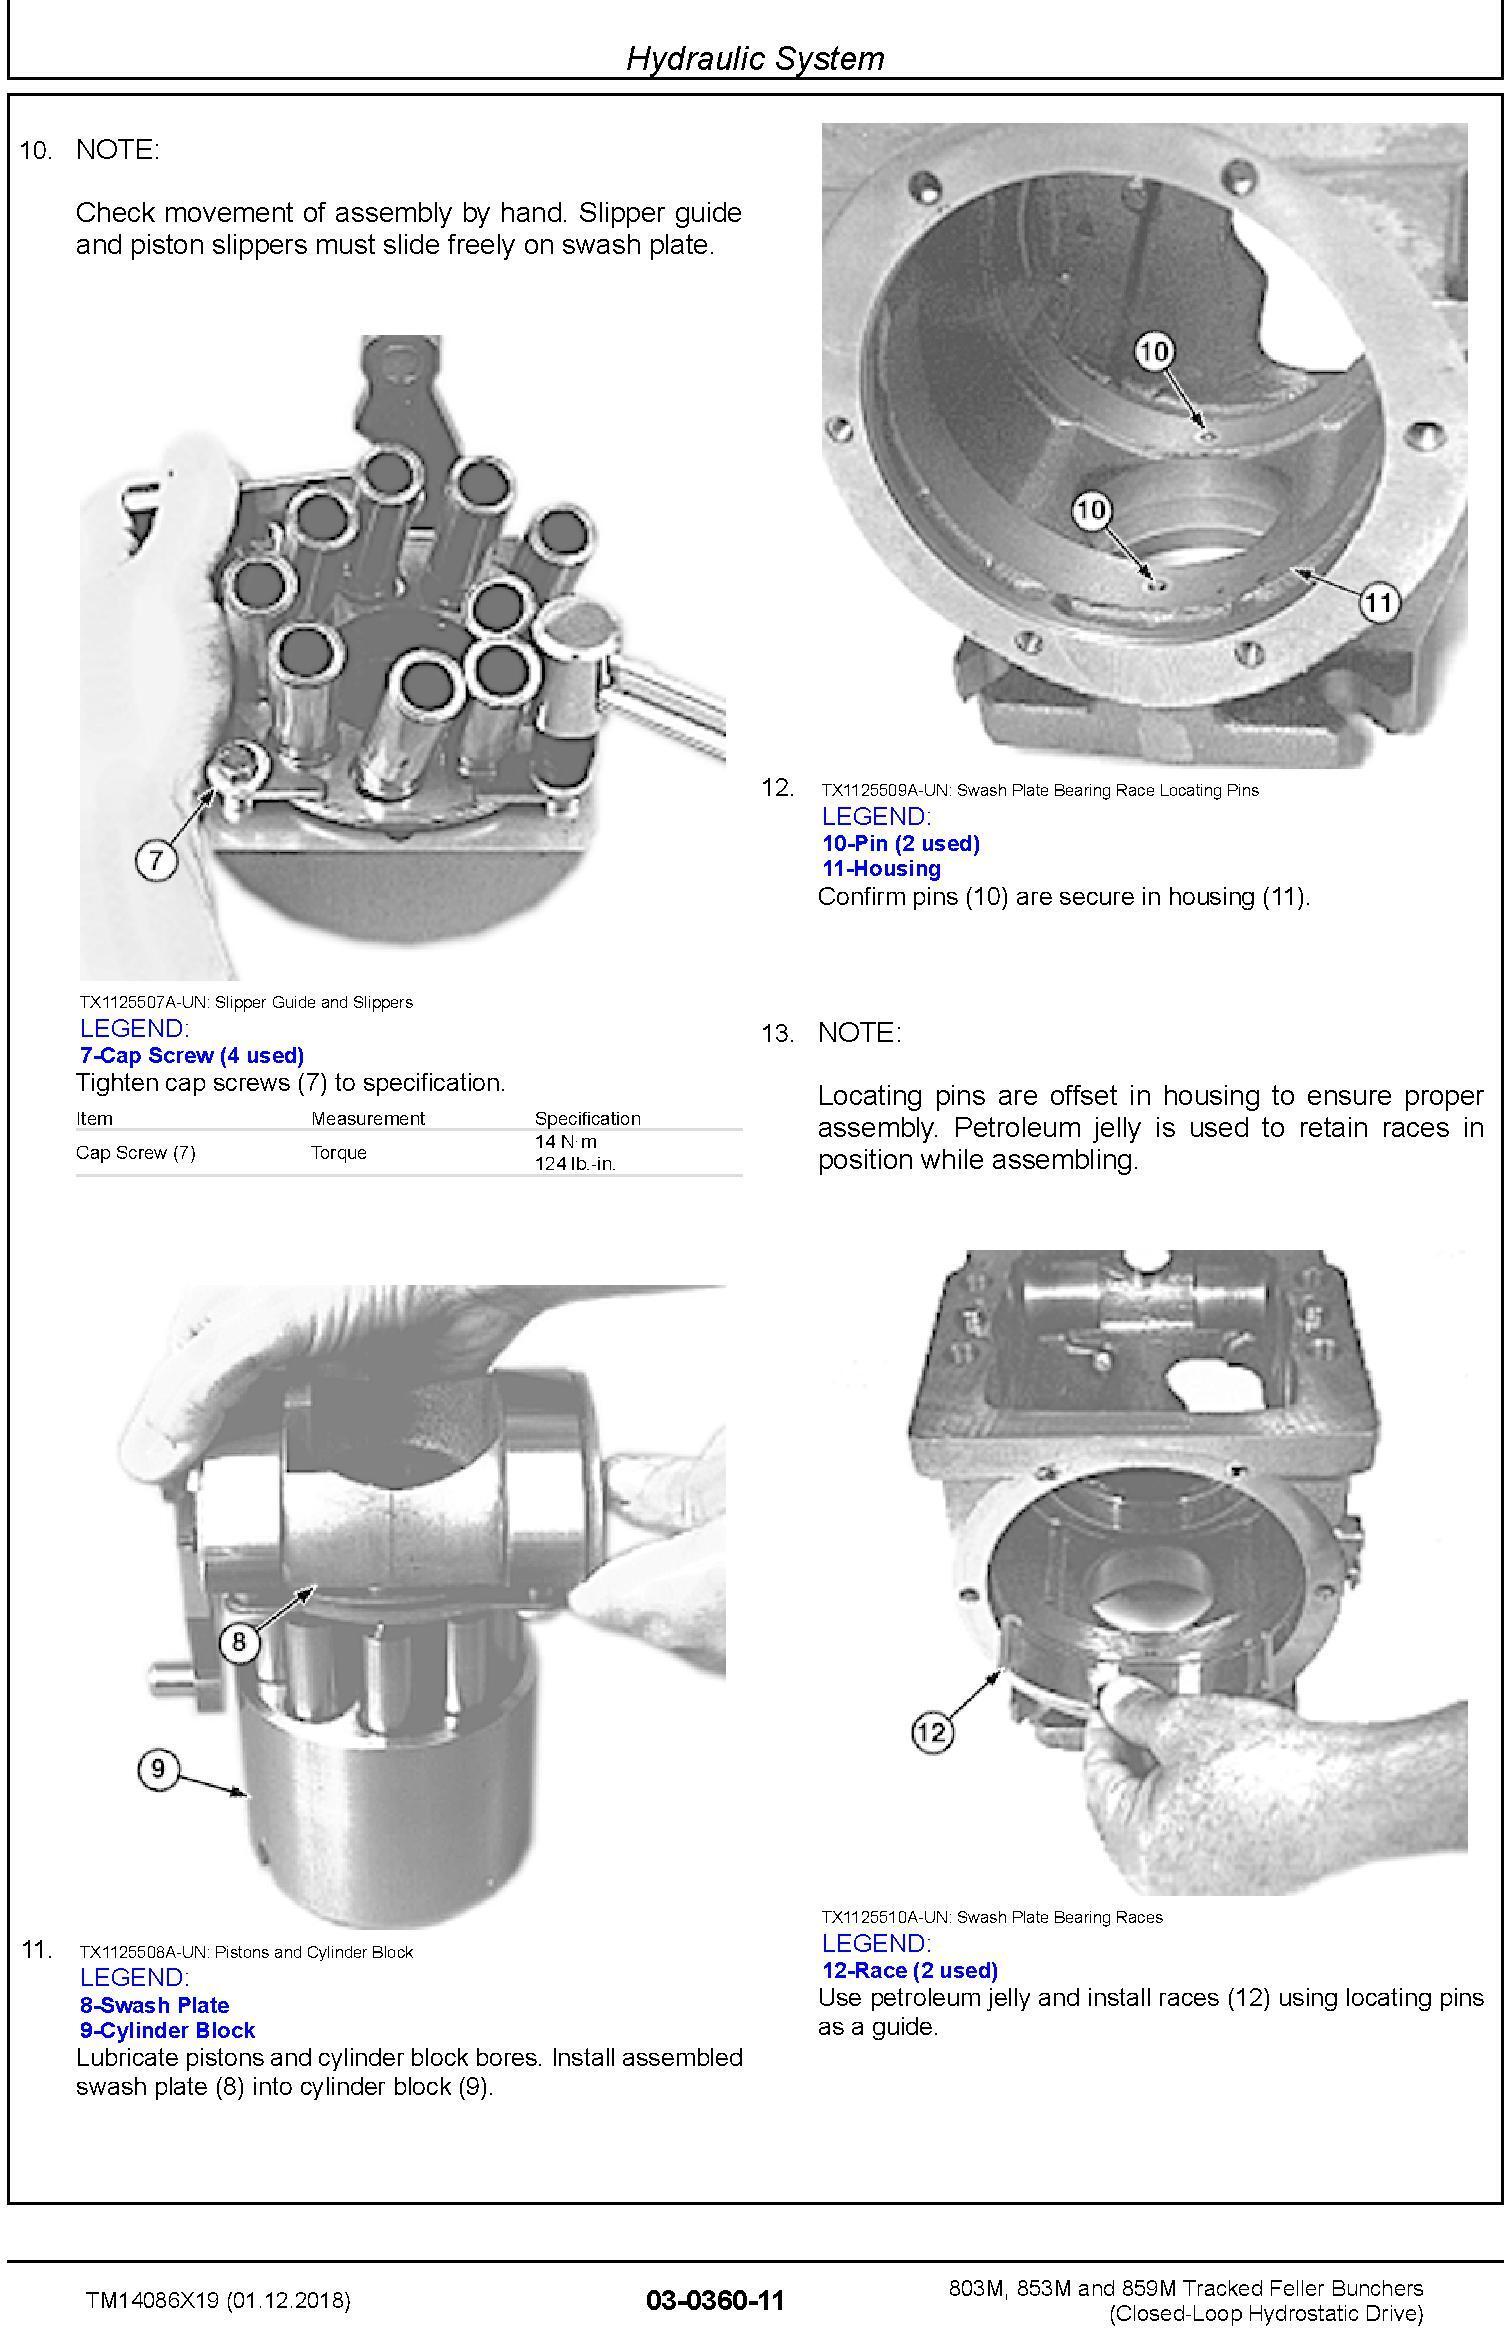 John Deere 803M,853M,859M(SN.F293917-,L343911-) Feller Buncher (Closed-Loop) Repair Manual TM14086X19 - 2